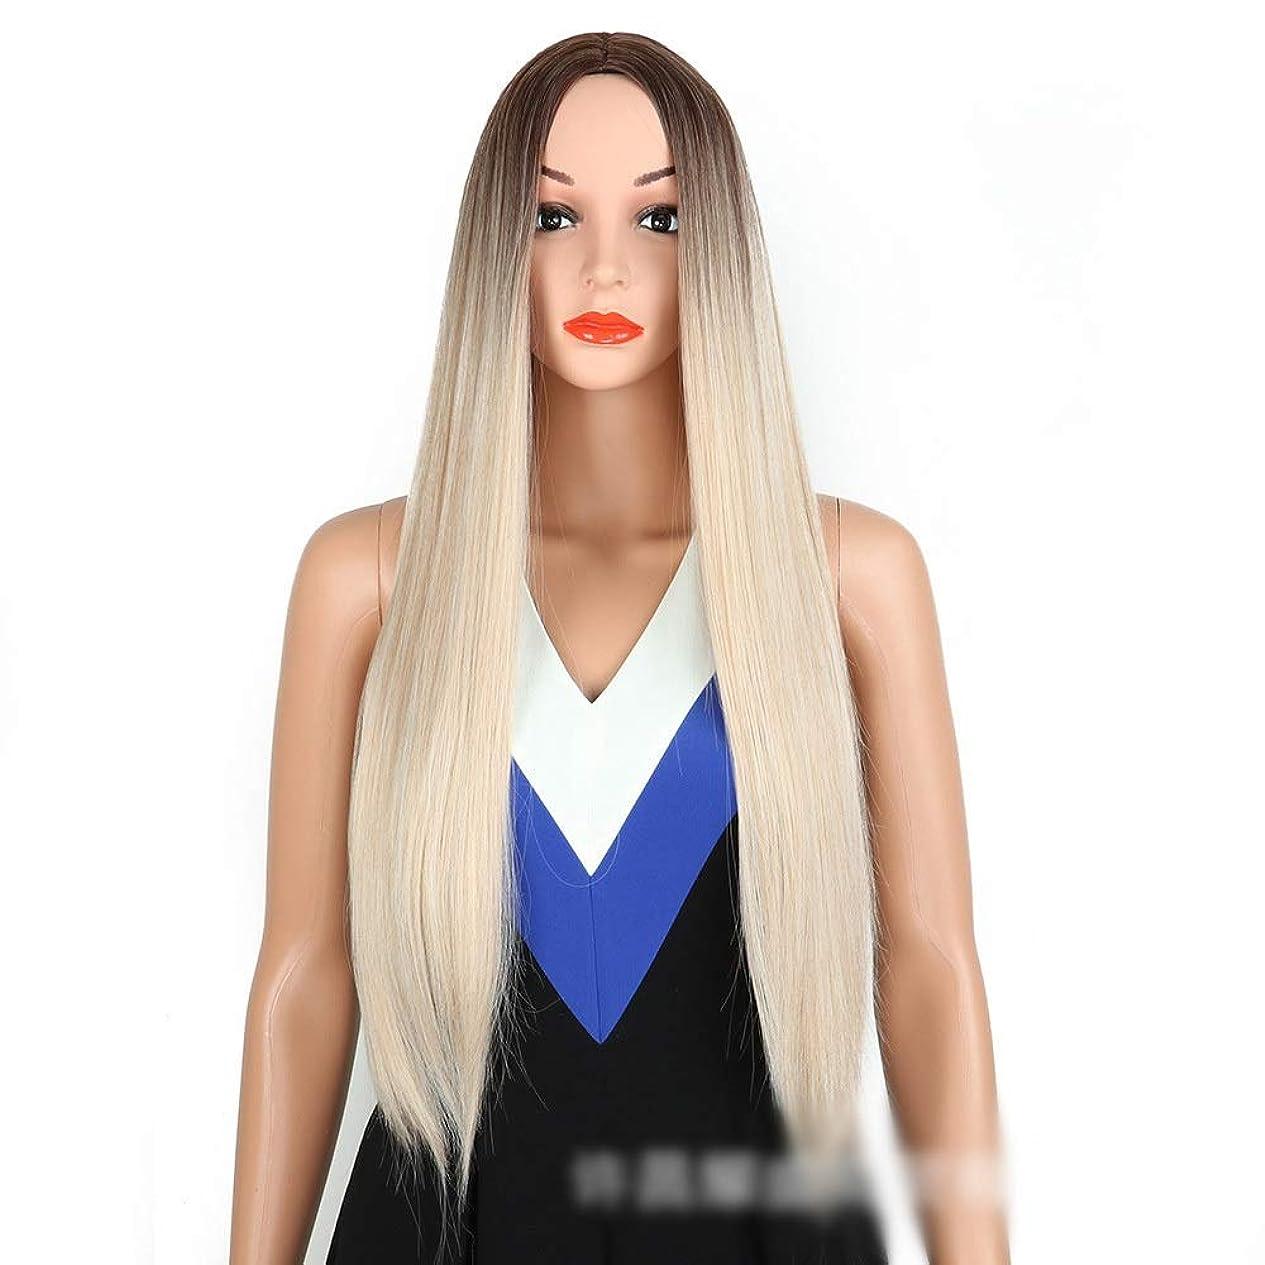 移行する立方体グローHOHYLLYA 女性のための長いストレートヘッドを探している女性の金髪ストレートウィッグ耐熱ナチュラルファッションパーティードレスウィッグ (Color : Blonde)